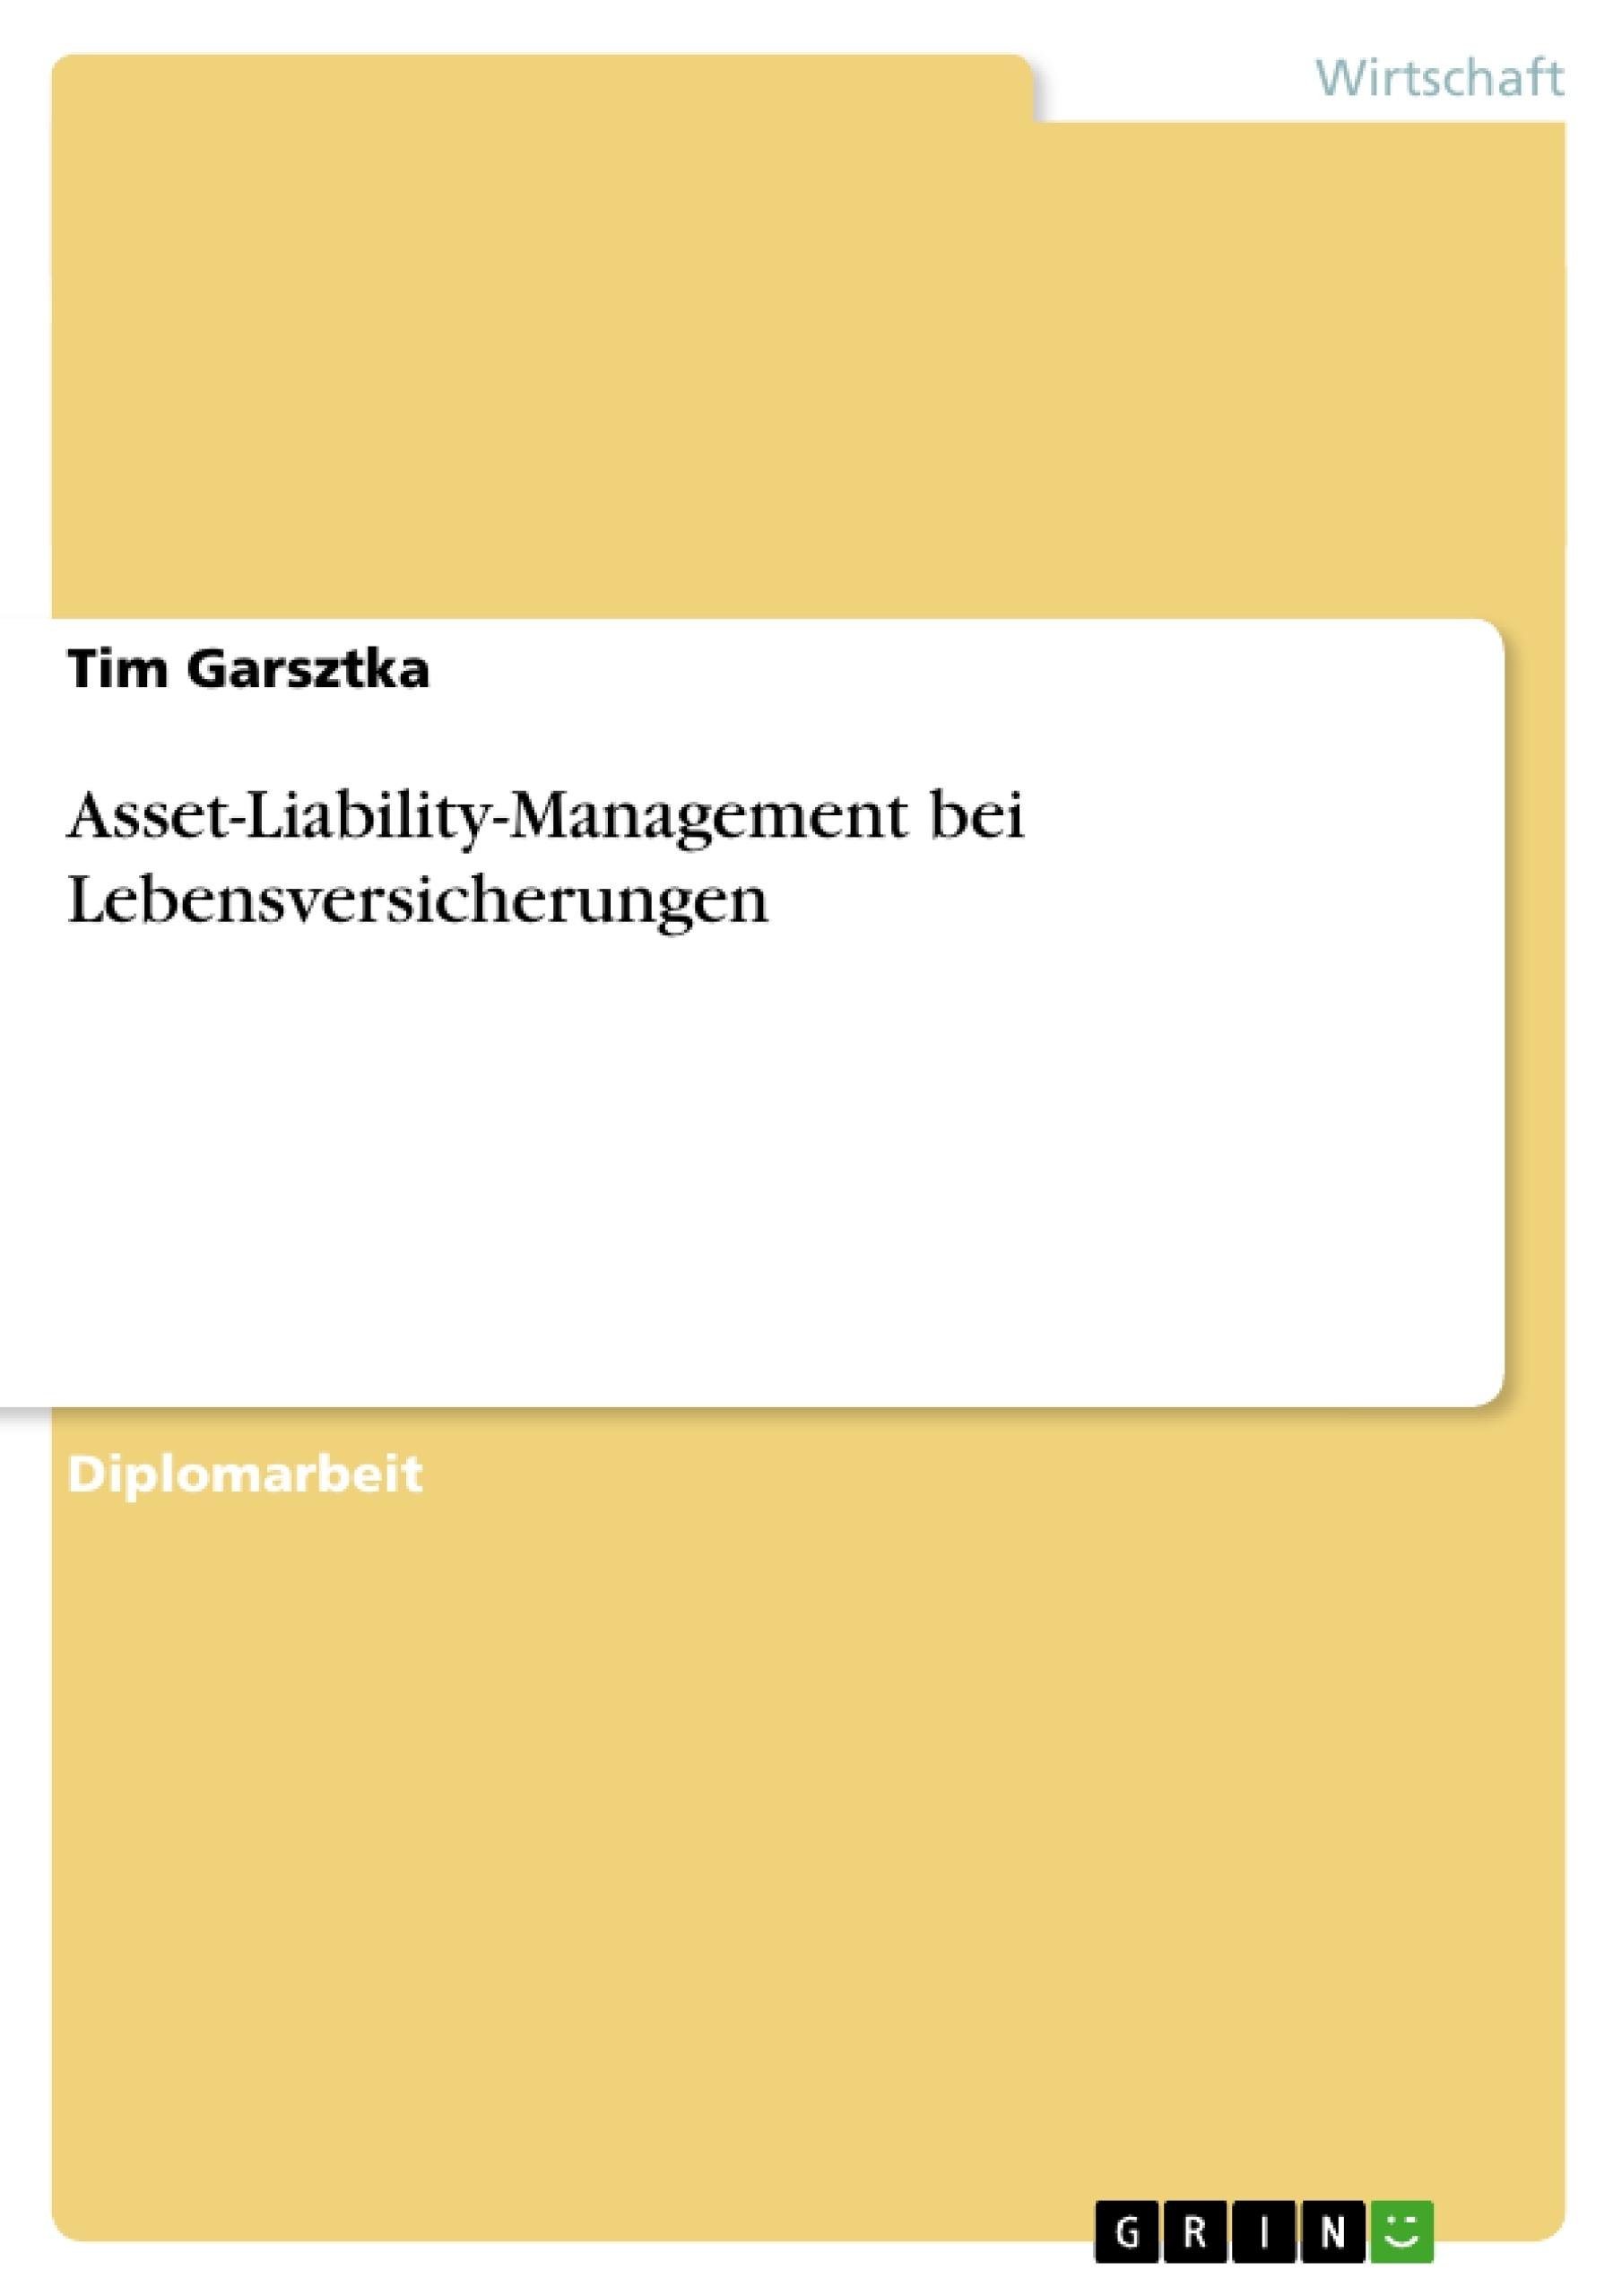 Titel: Asset-Liability-Management bei Lebensversicherungen